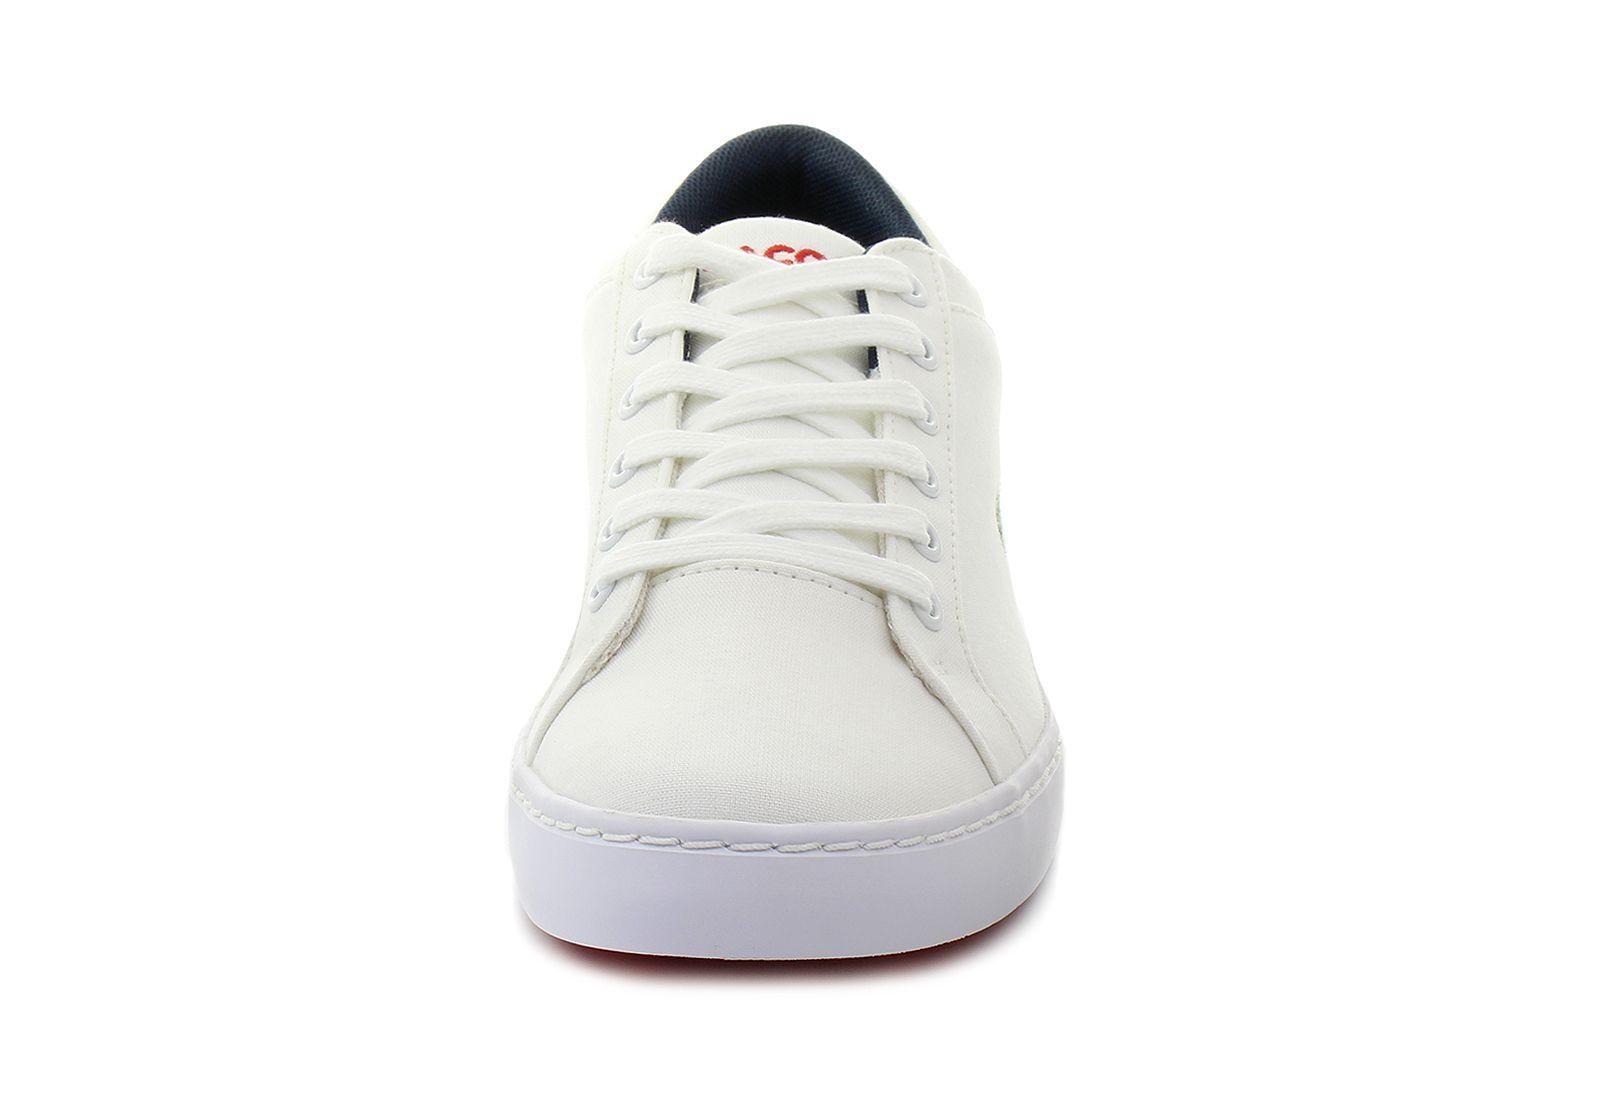 Lacoste Shoes - Straightset Lace - 171caj1036-001 - Online shop for ... 88ce719a5e